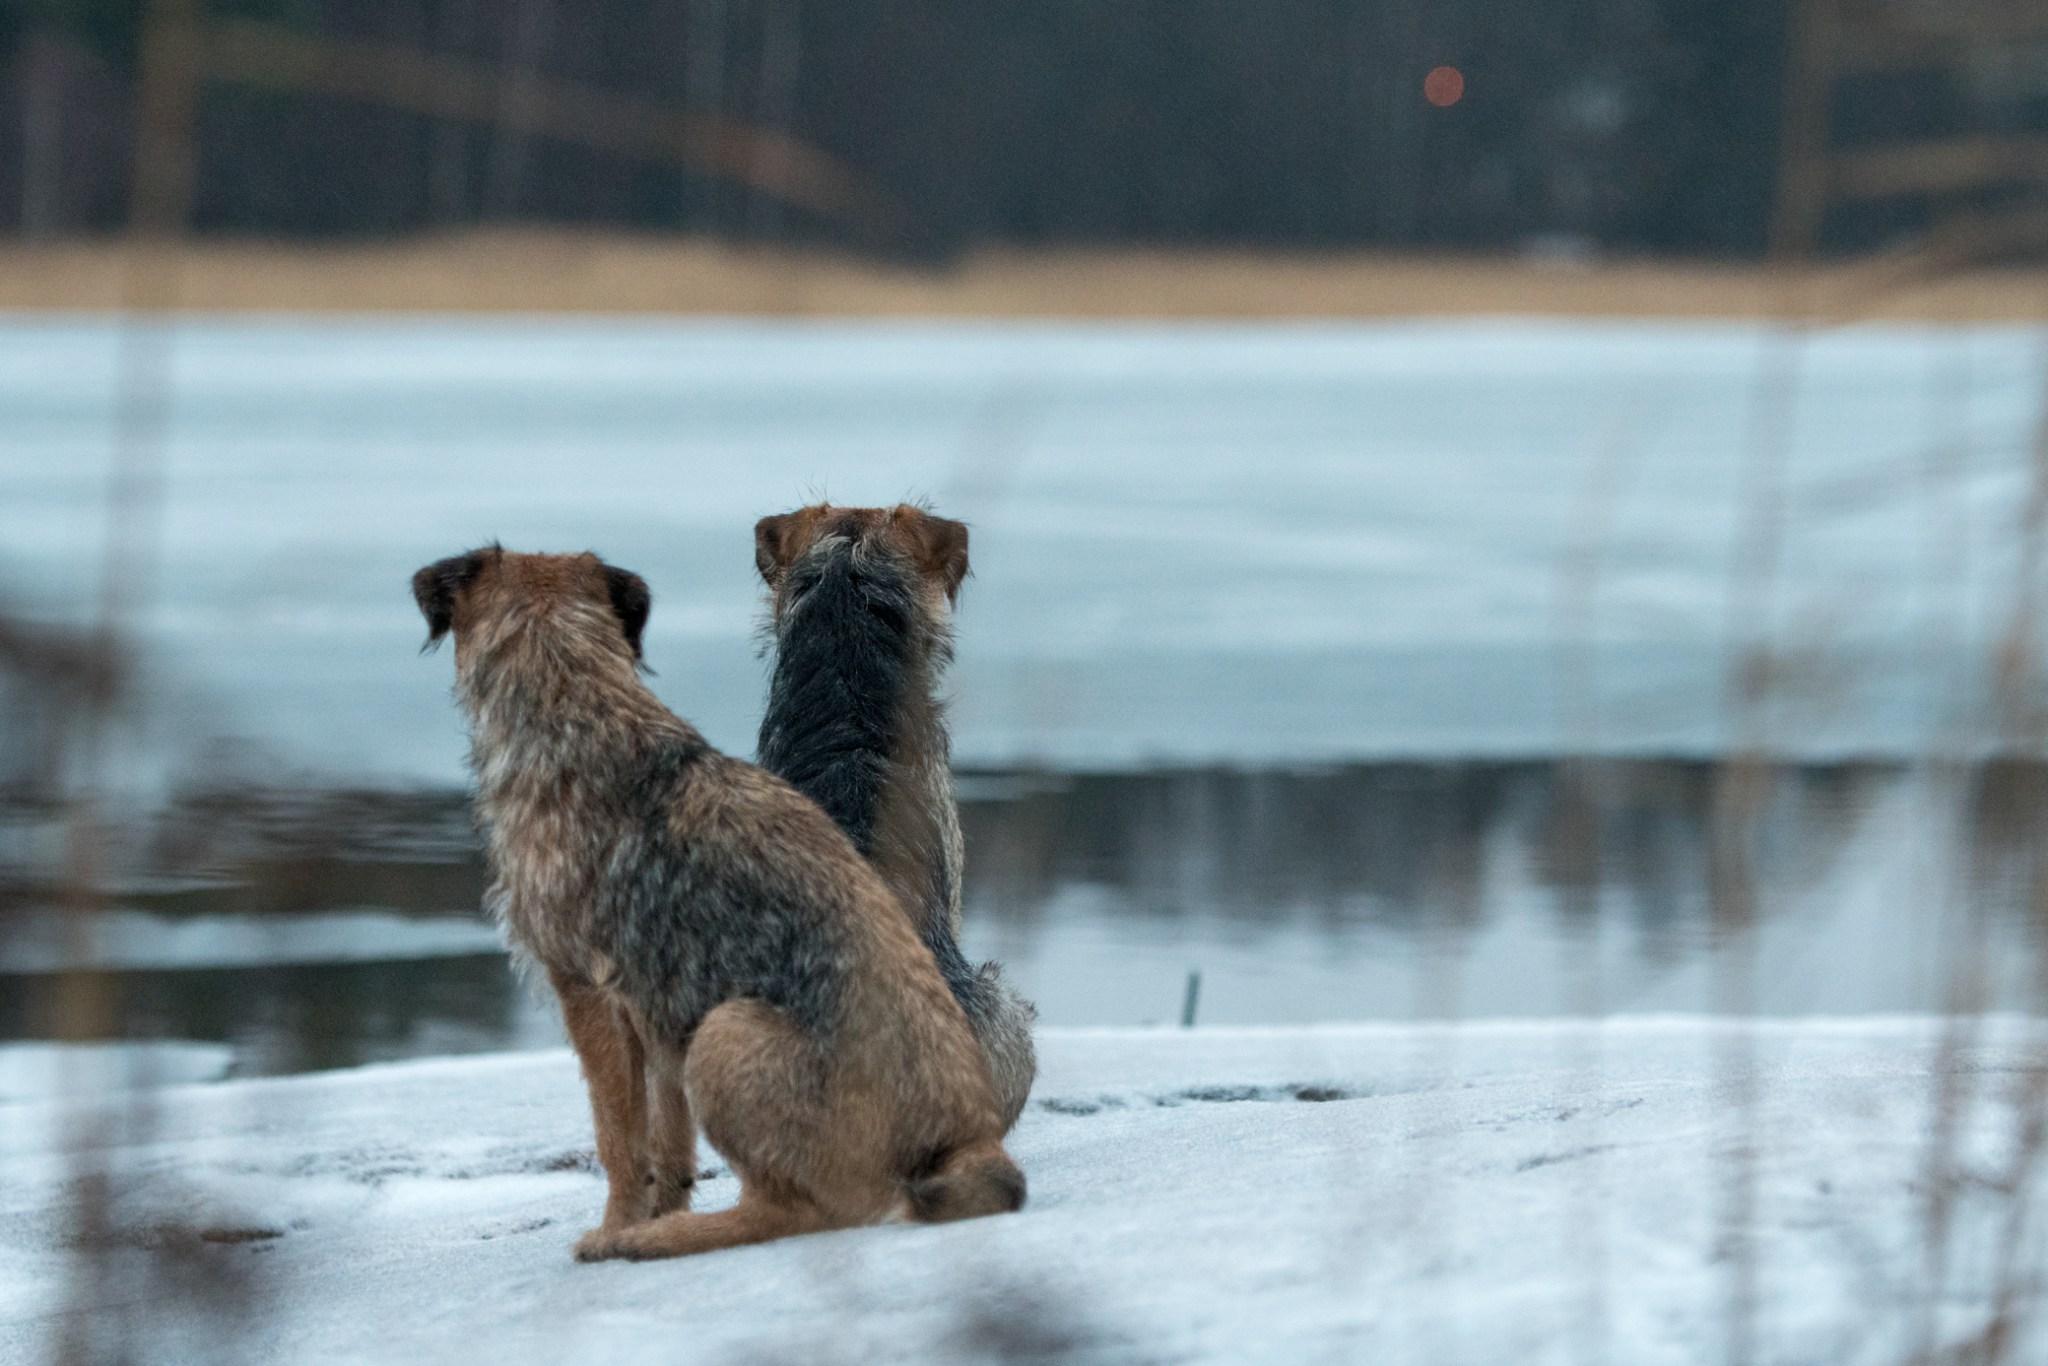 Sompaa ja Pipoa harmitti, mutta tottelivat kuitenkin, eivätkä rynnänneet jäälle.